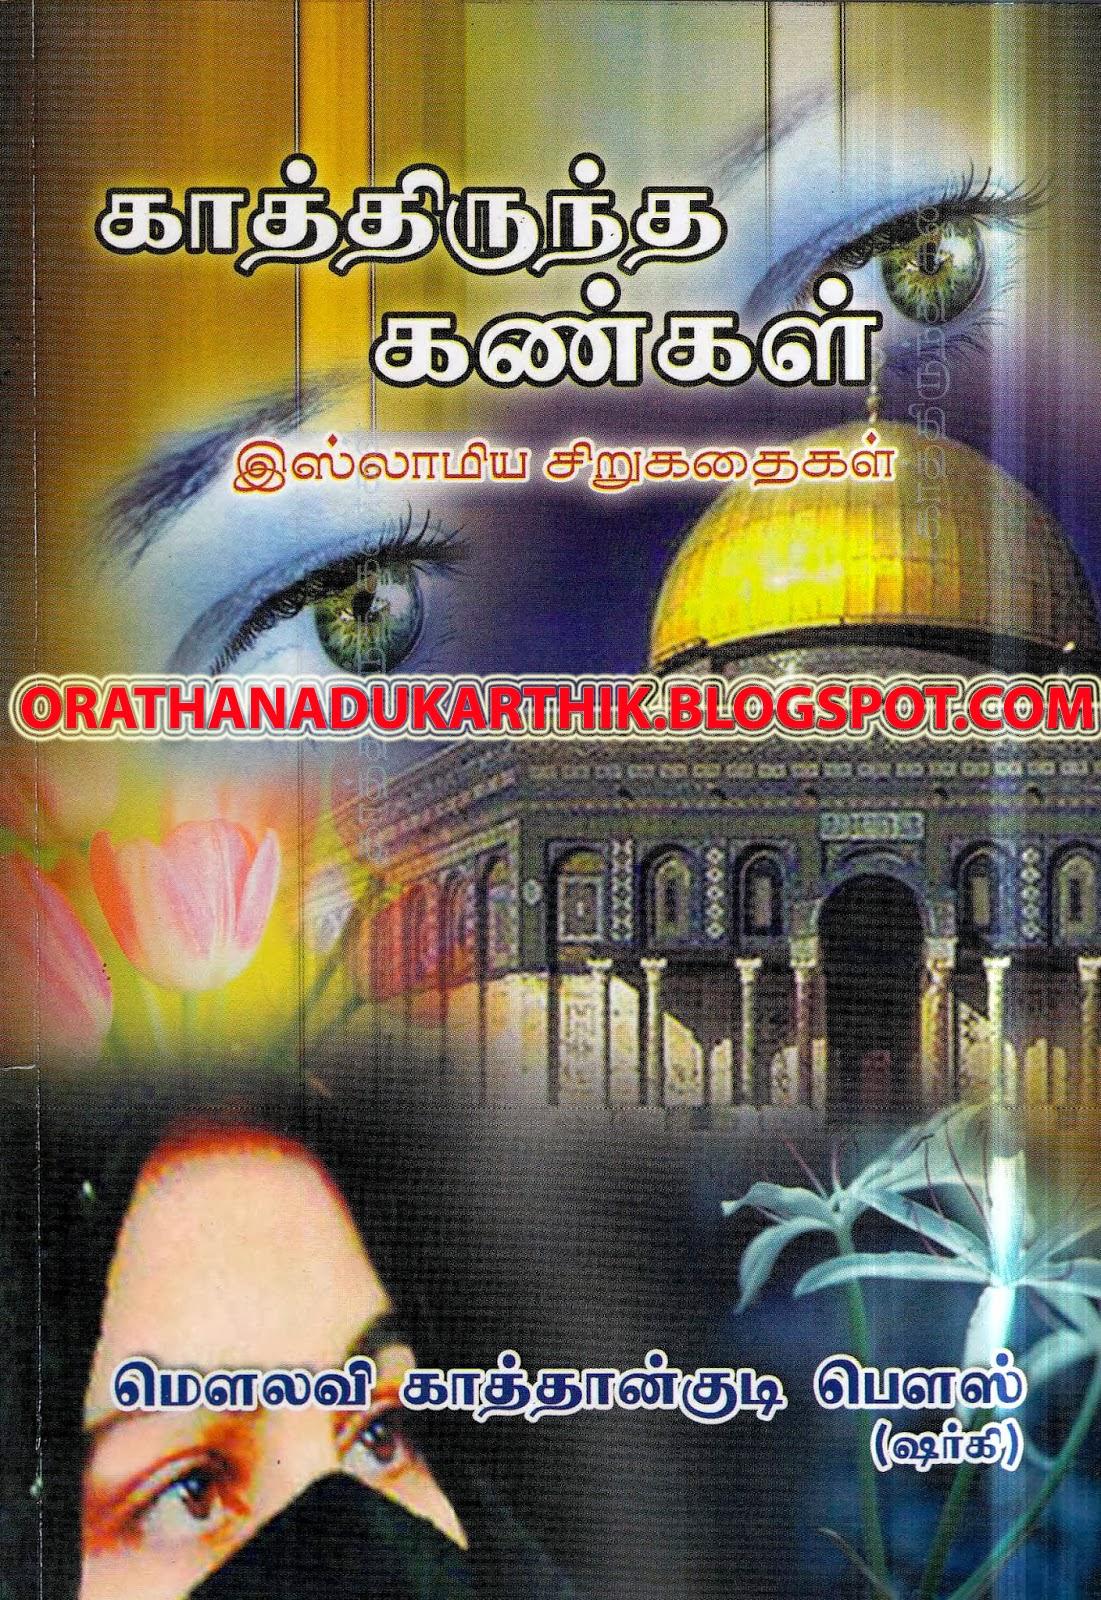 காத்திருந்த கண்கள்-(இஸ்லாமிய சிறுகதைகள் ) Kathiruntha-kangal_Islamiya+copy